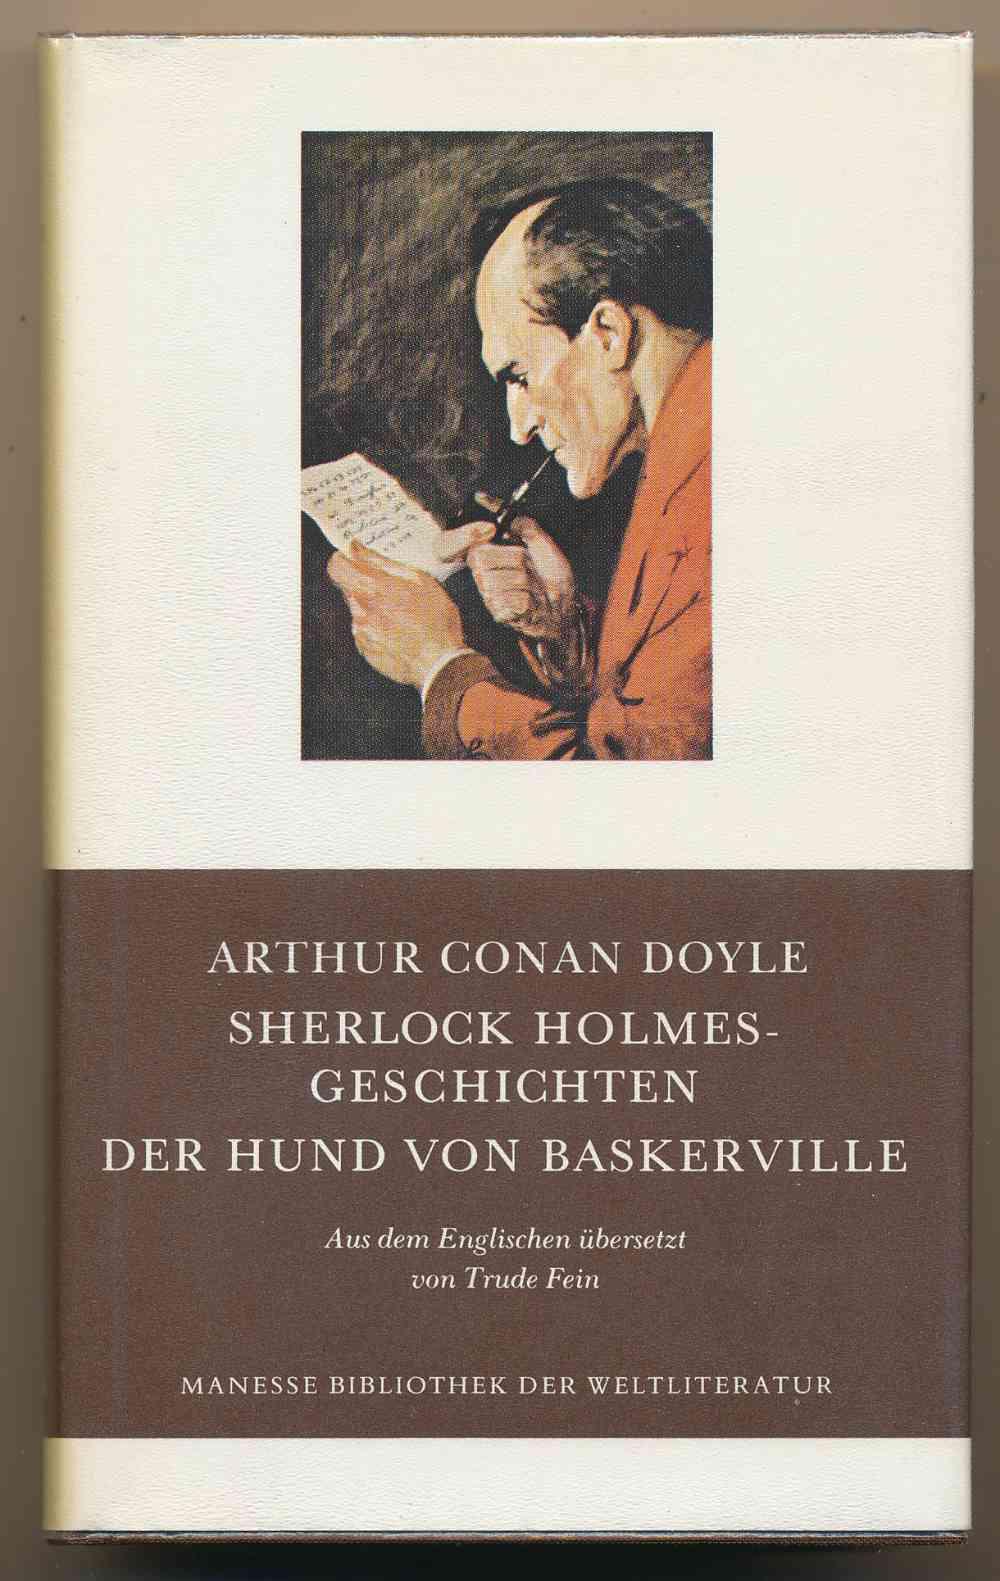 Sherlock Holmes Geschichten; und Der hund von Baskerville